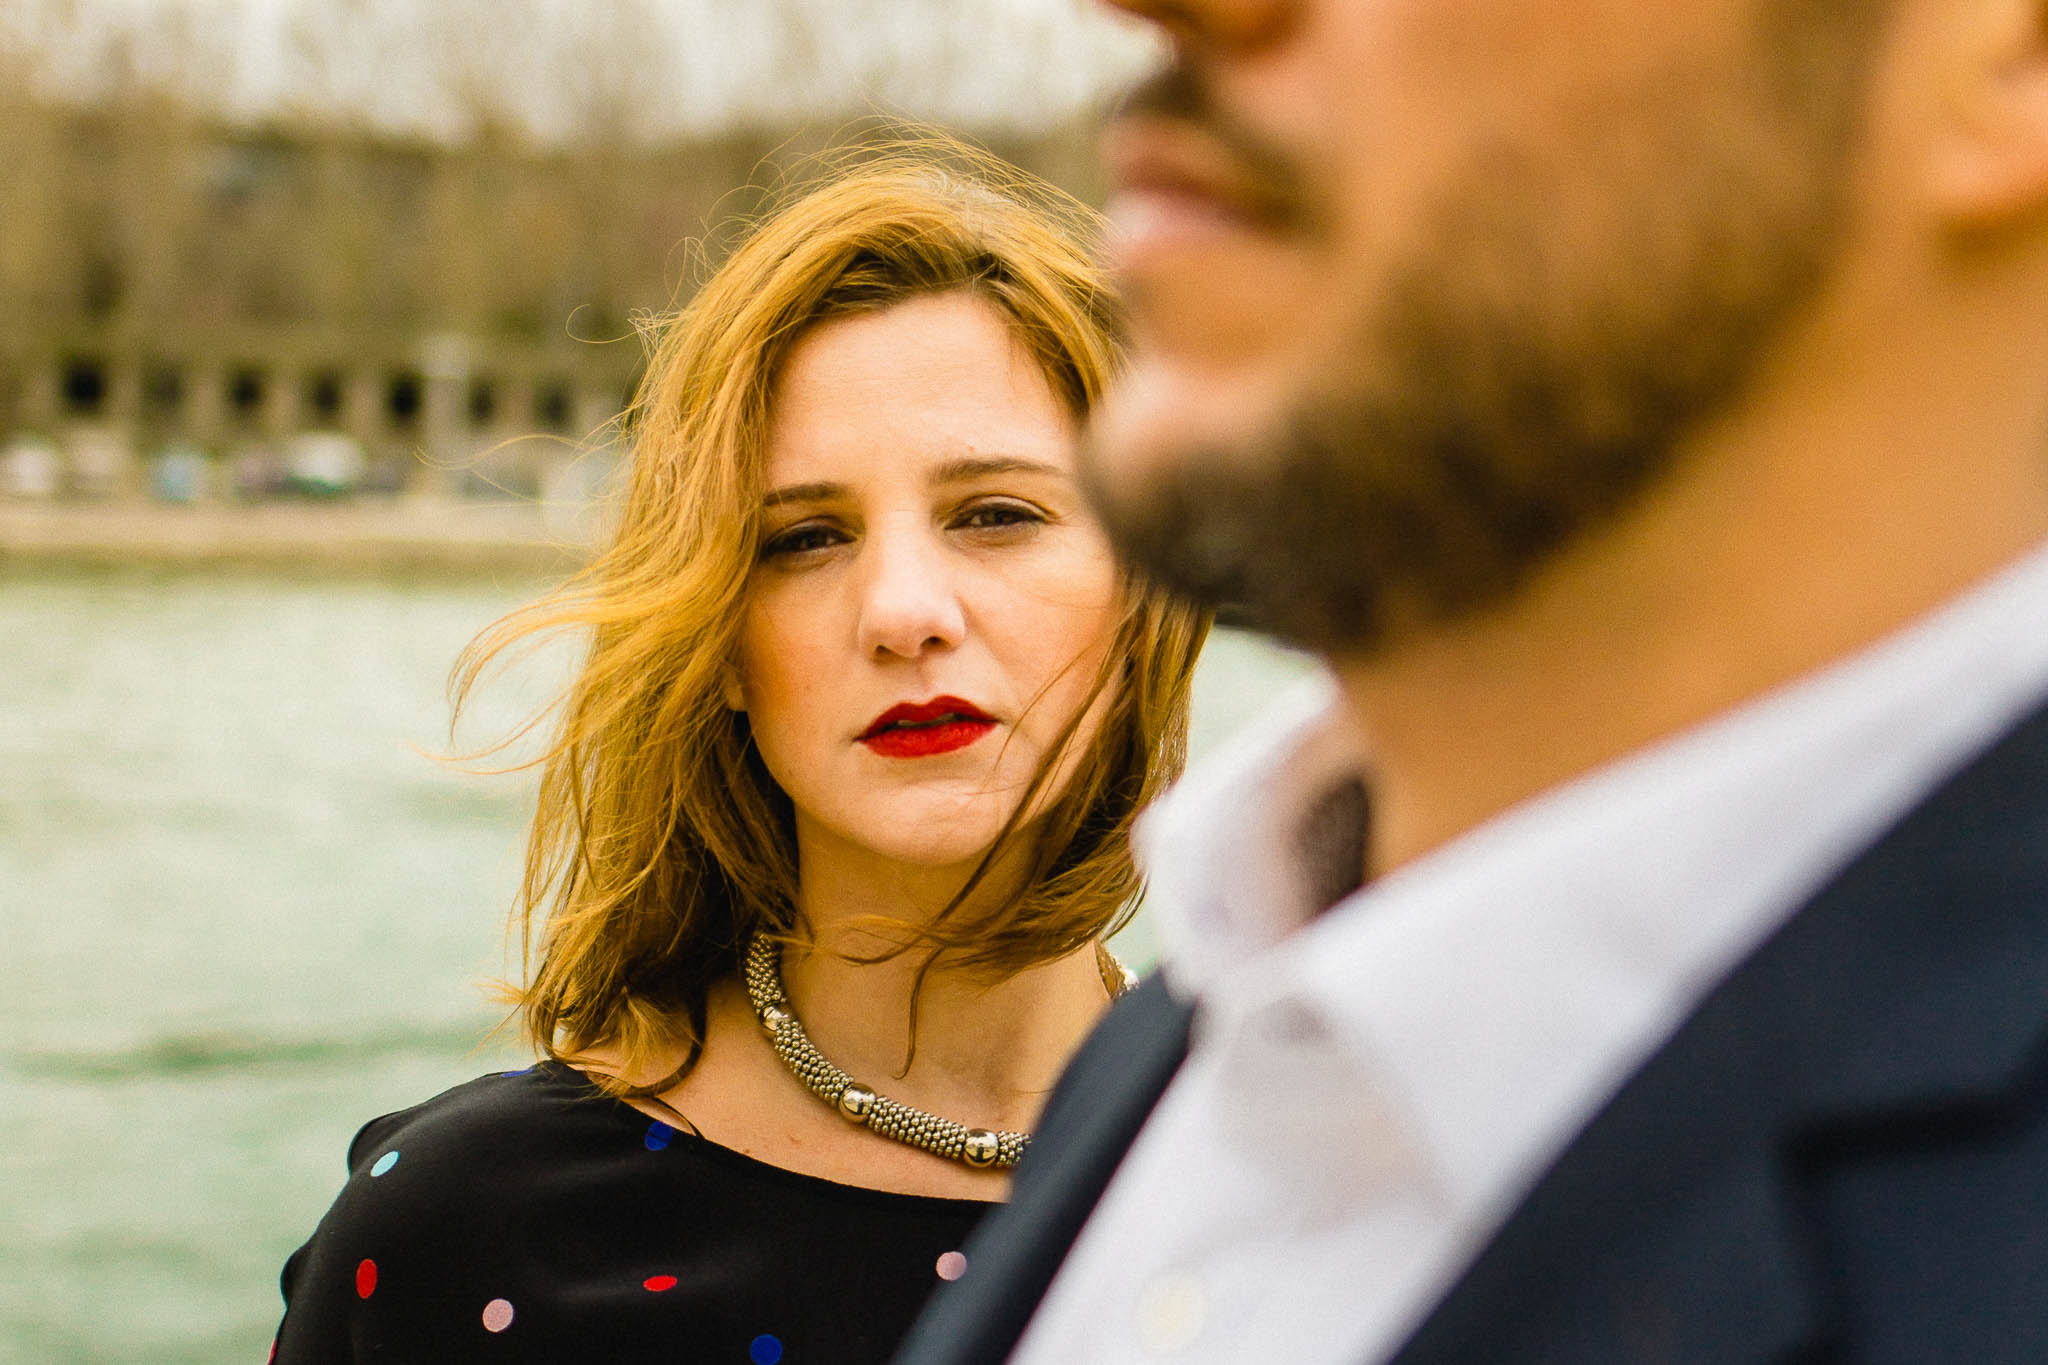 Art_Avec_Amour_Photographe_Mariage_Famille_Paris_France-00009.jpg